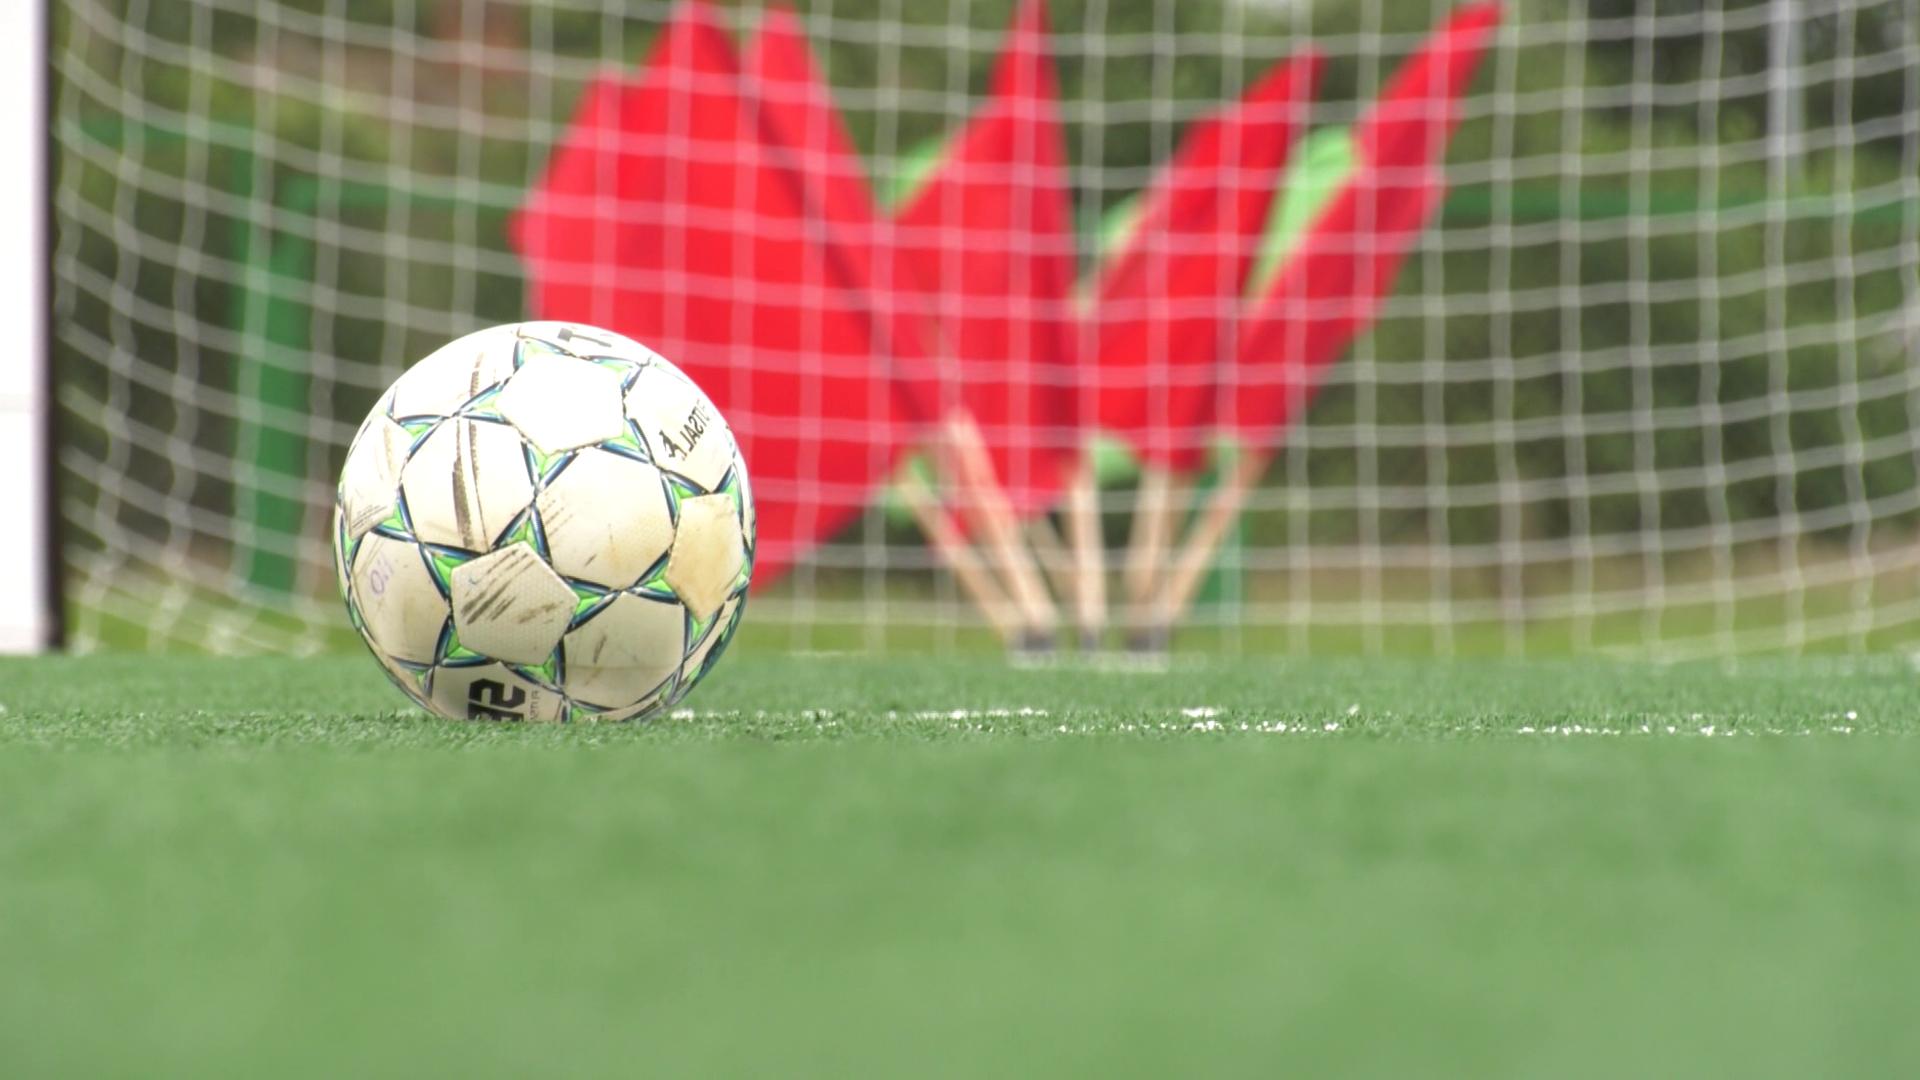 futbol - В Дубровно появилась новая спортивная площадка (видео)